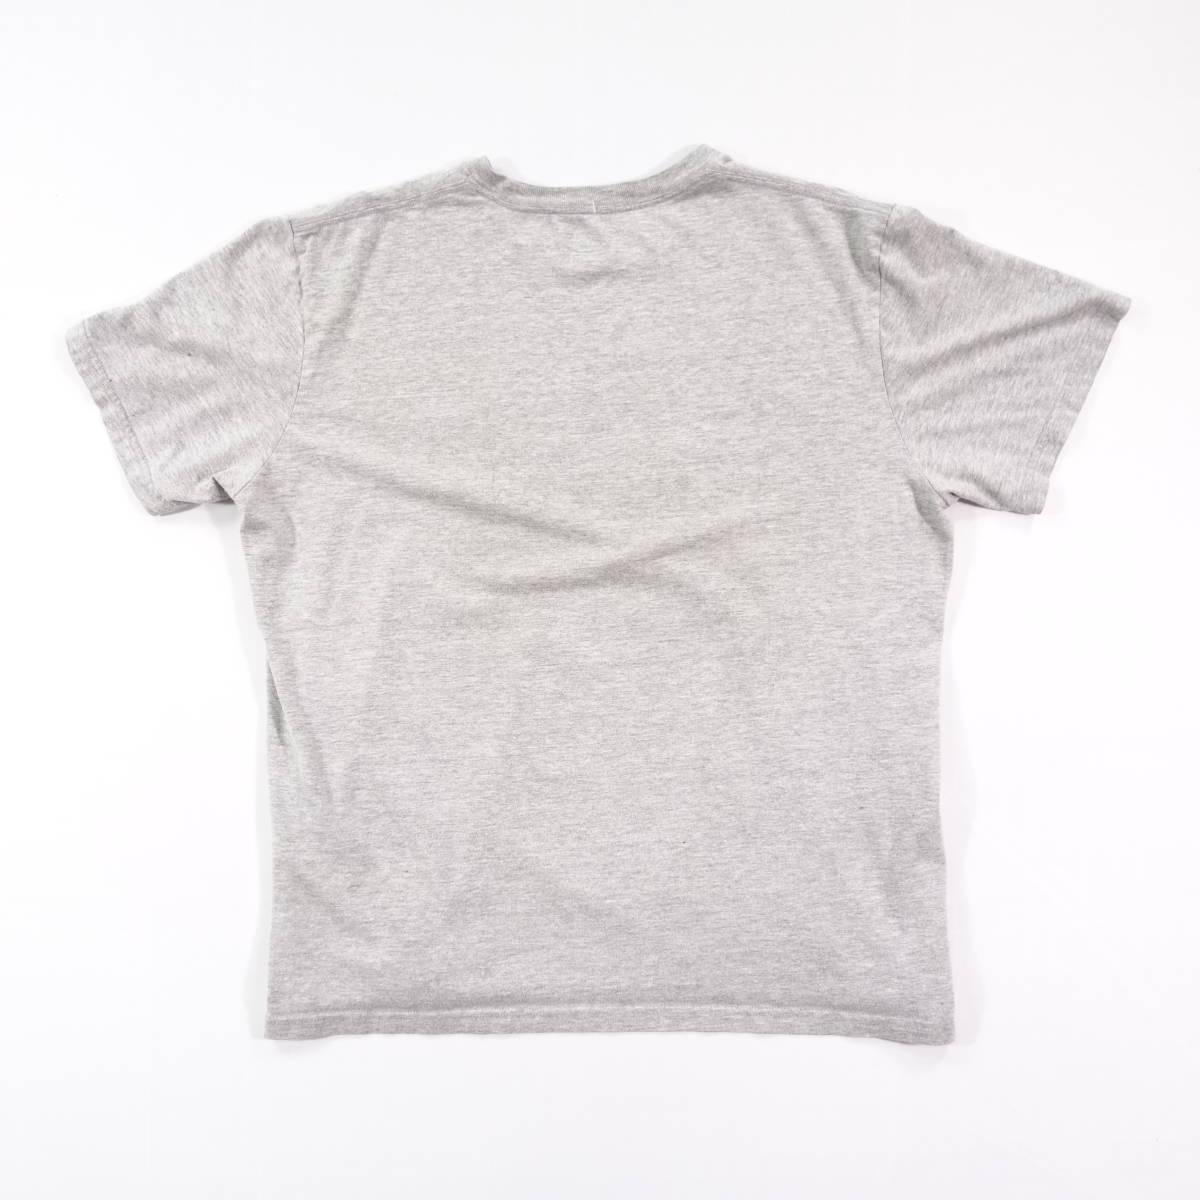 ノースフェイス Tシャツ 半袖 メンズ L 丸首 ハーフドーム プリントロゴ アウトドア トップス USA直輸入 古着 MNO-1-1-0209_画像8